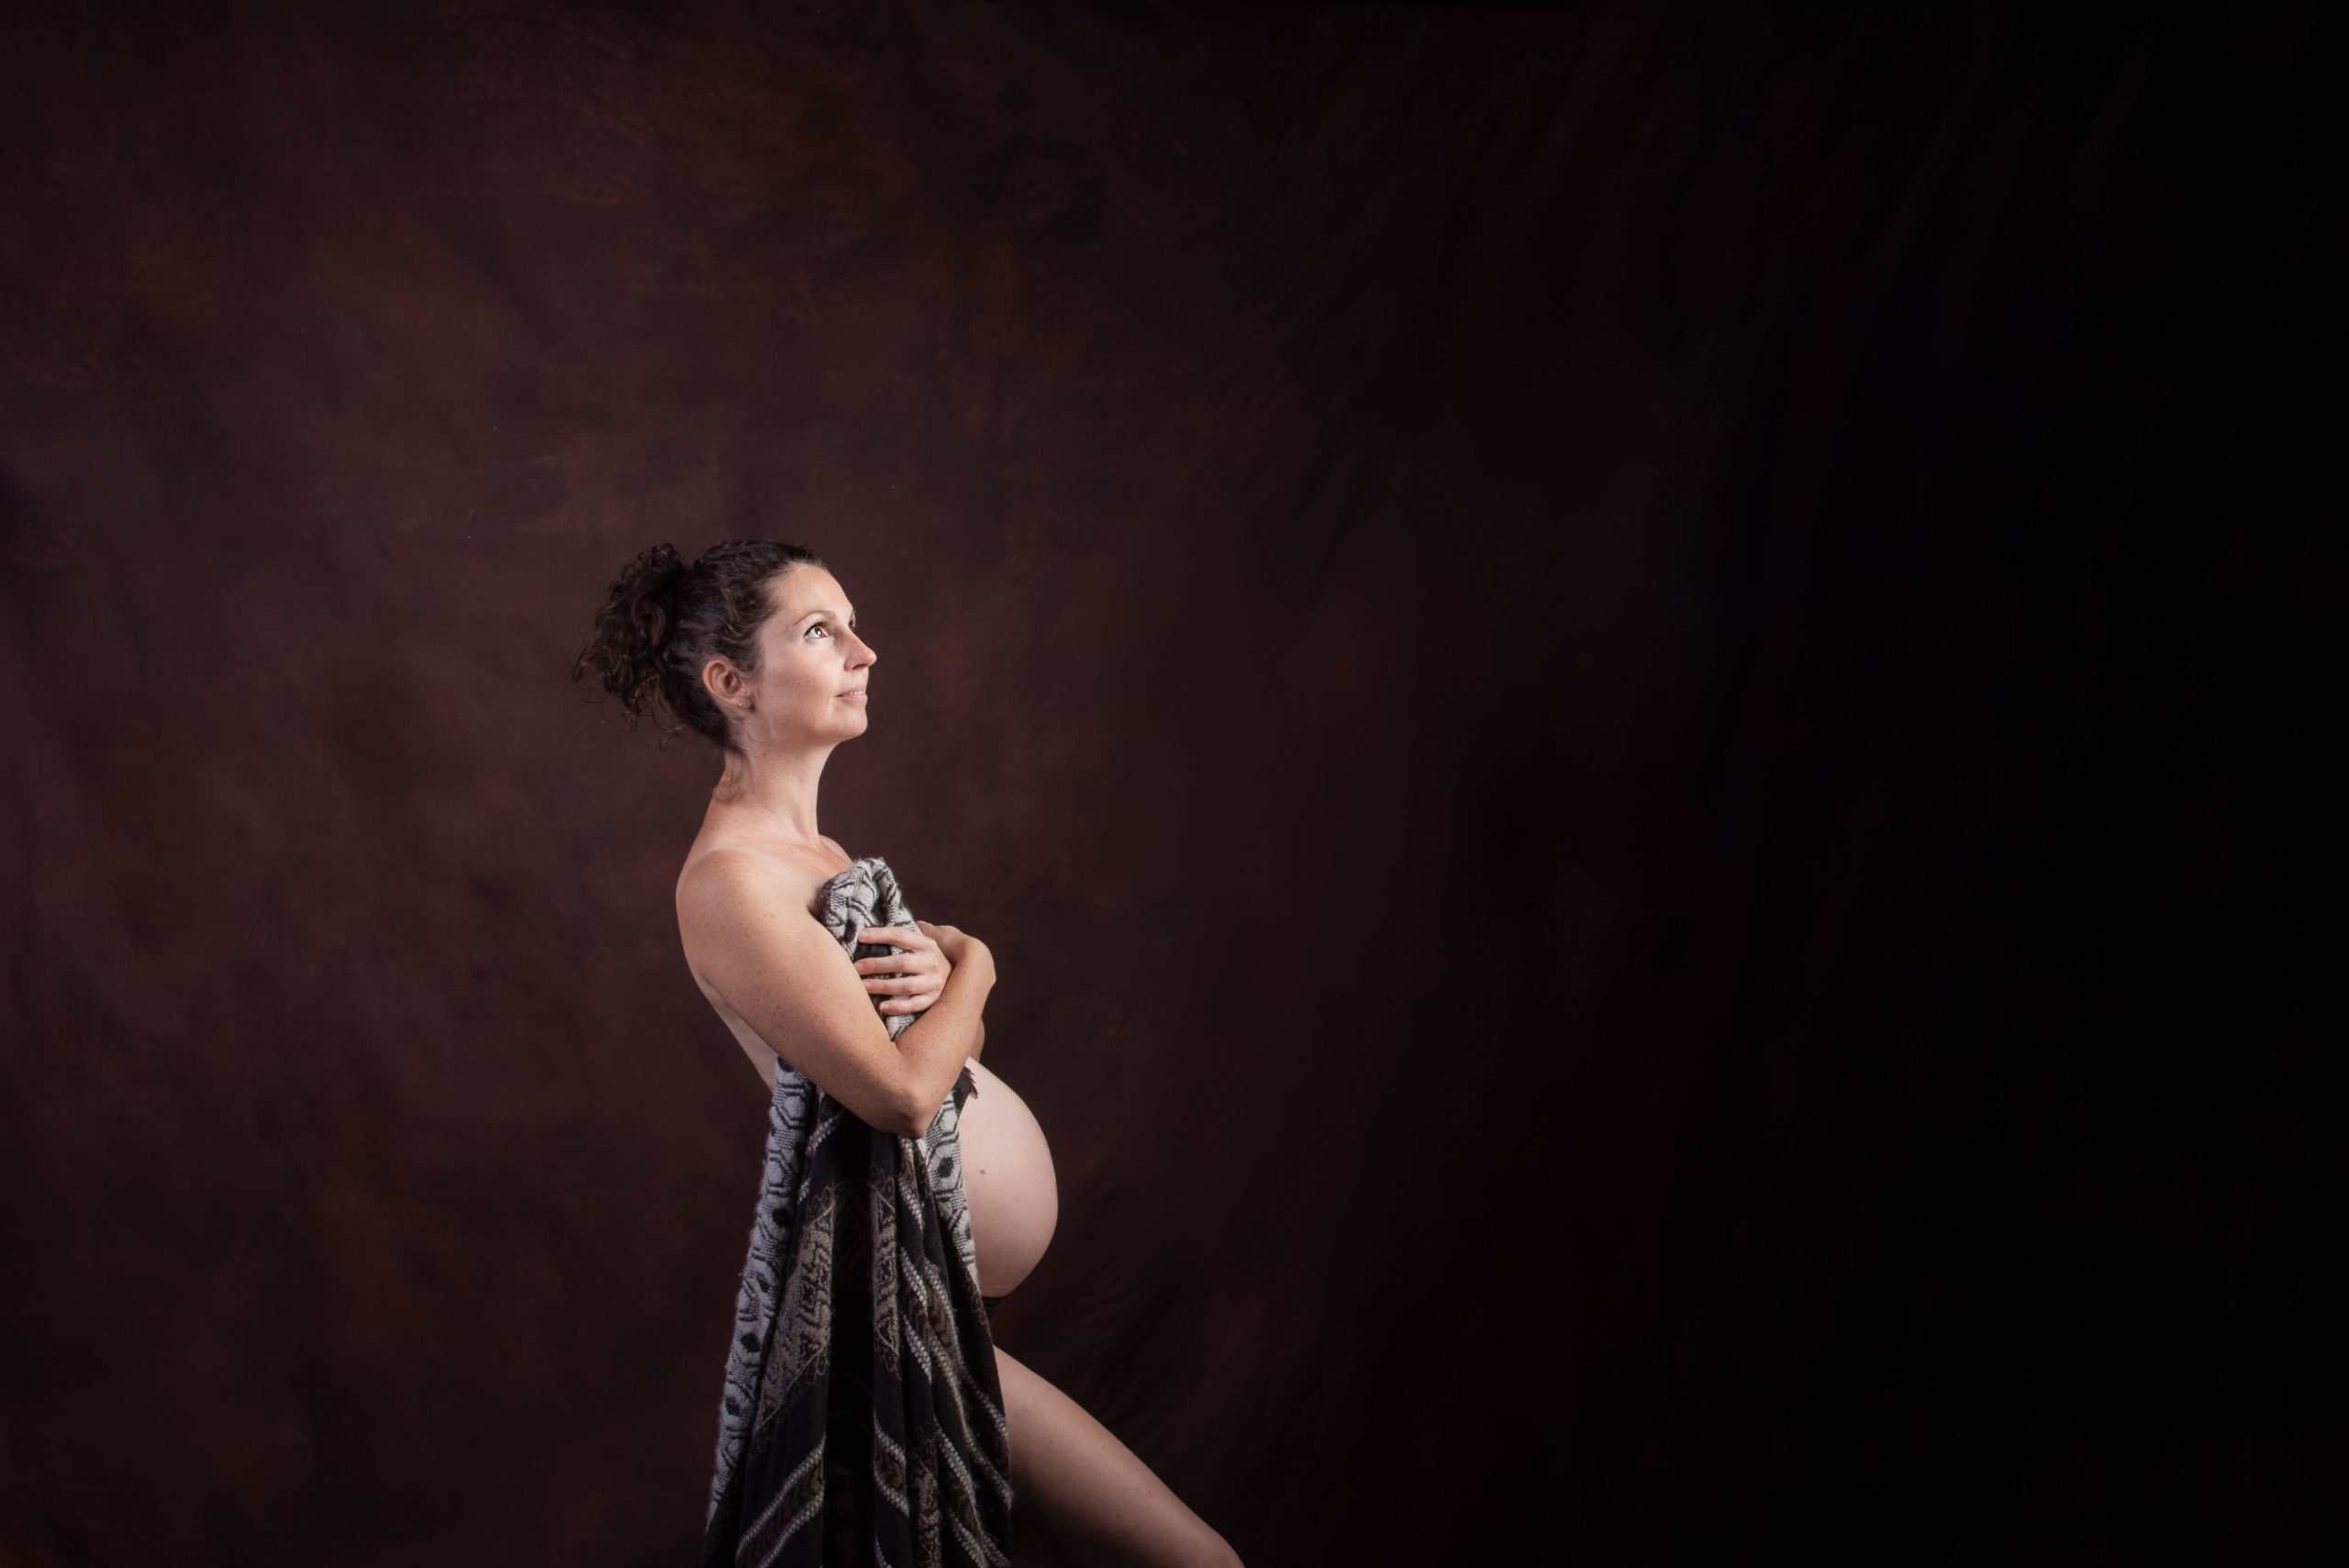 une femme enceinte pose en cachant sa poitrine avec une couverture